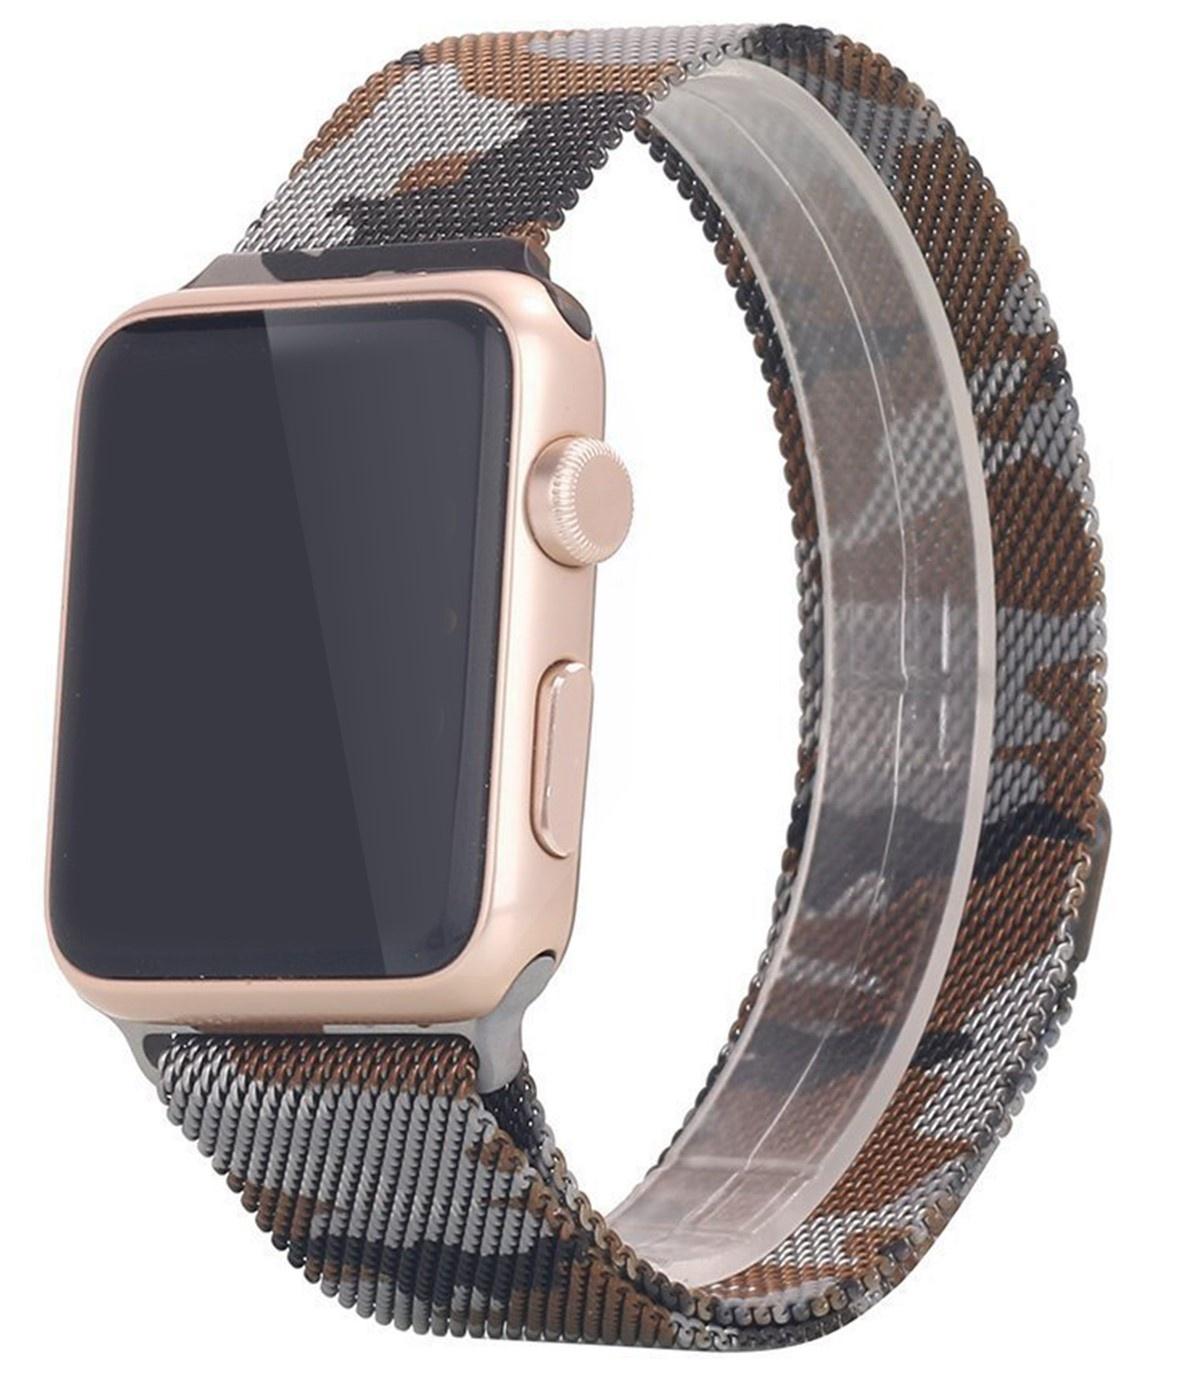 Řemínek MILANESE LOOP pro Apple Watch Series 3/2/1 38mm - Hnědá kamufláž